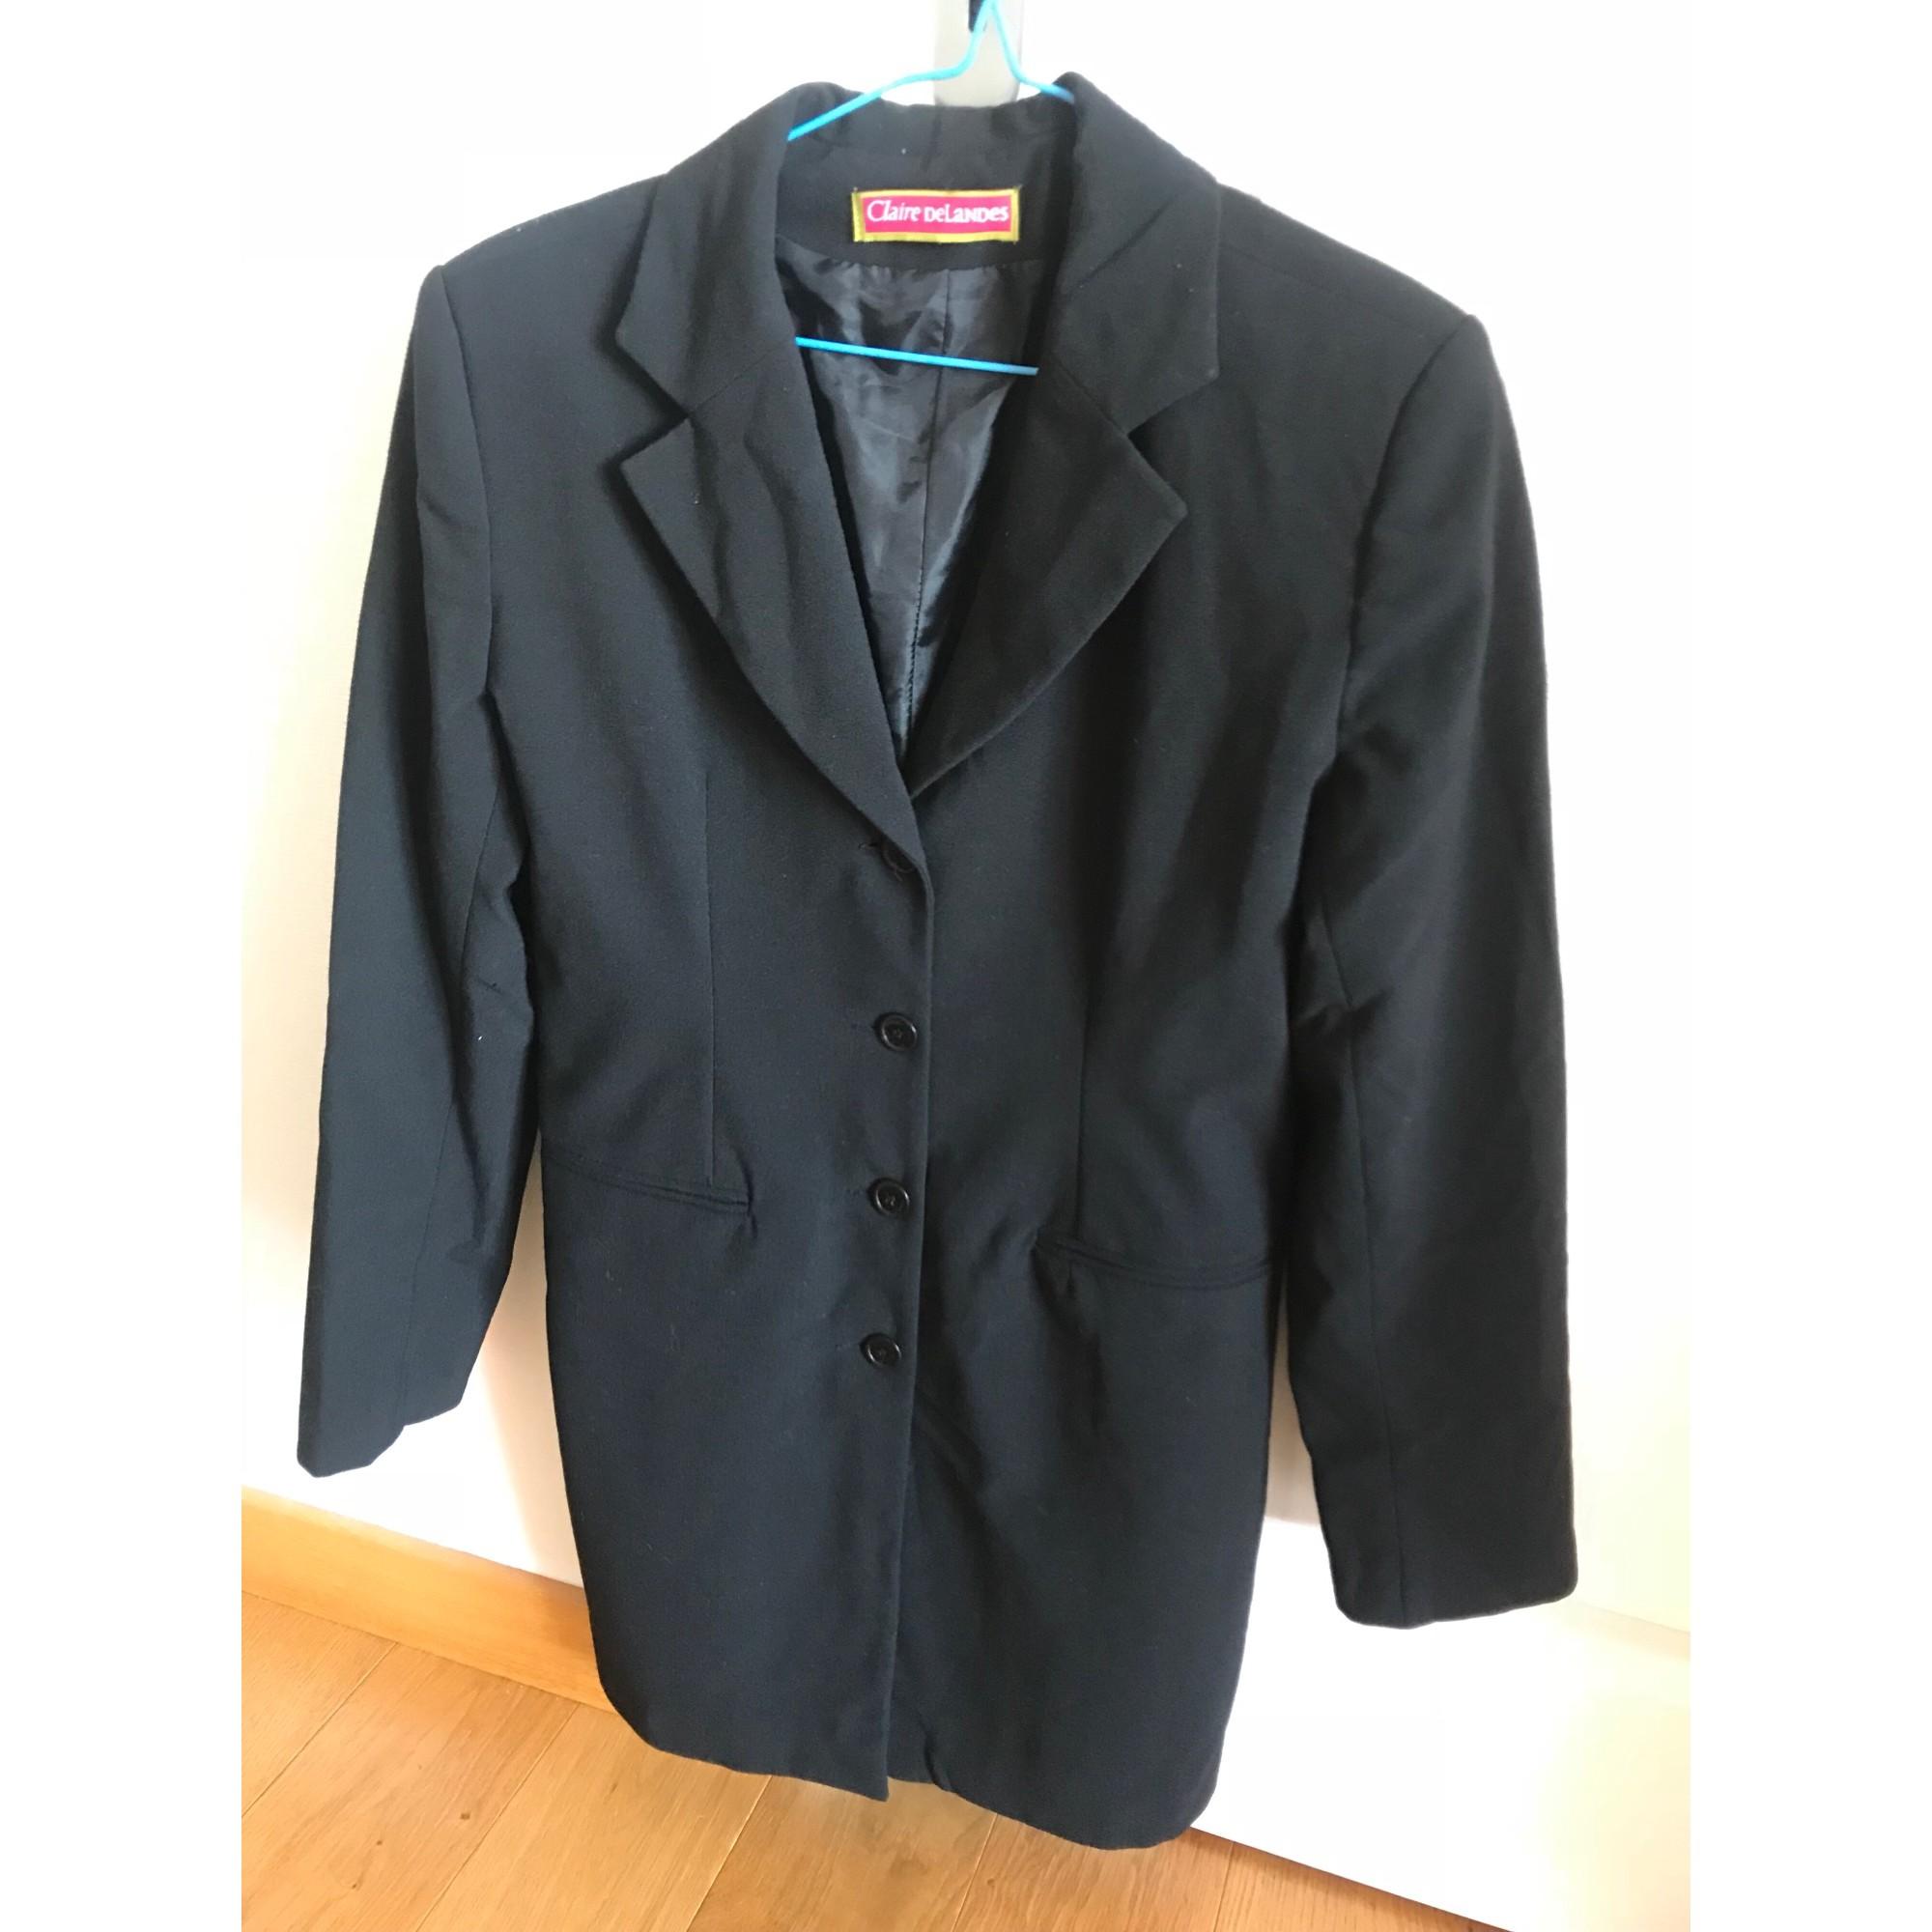 Blazer, veste tailleur CLAIRE DELANDES Noir